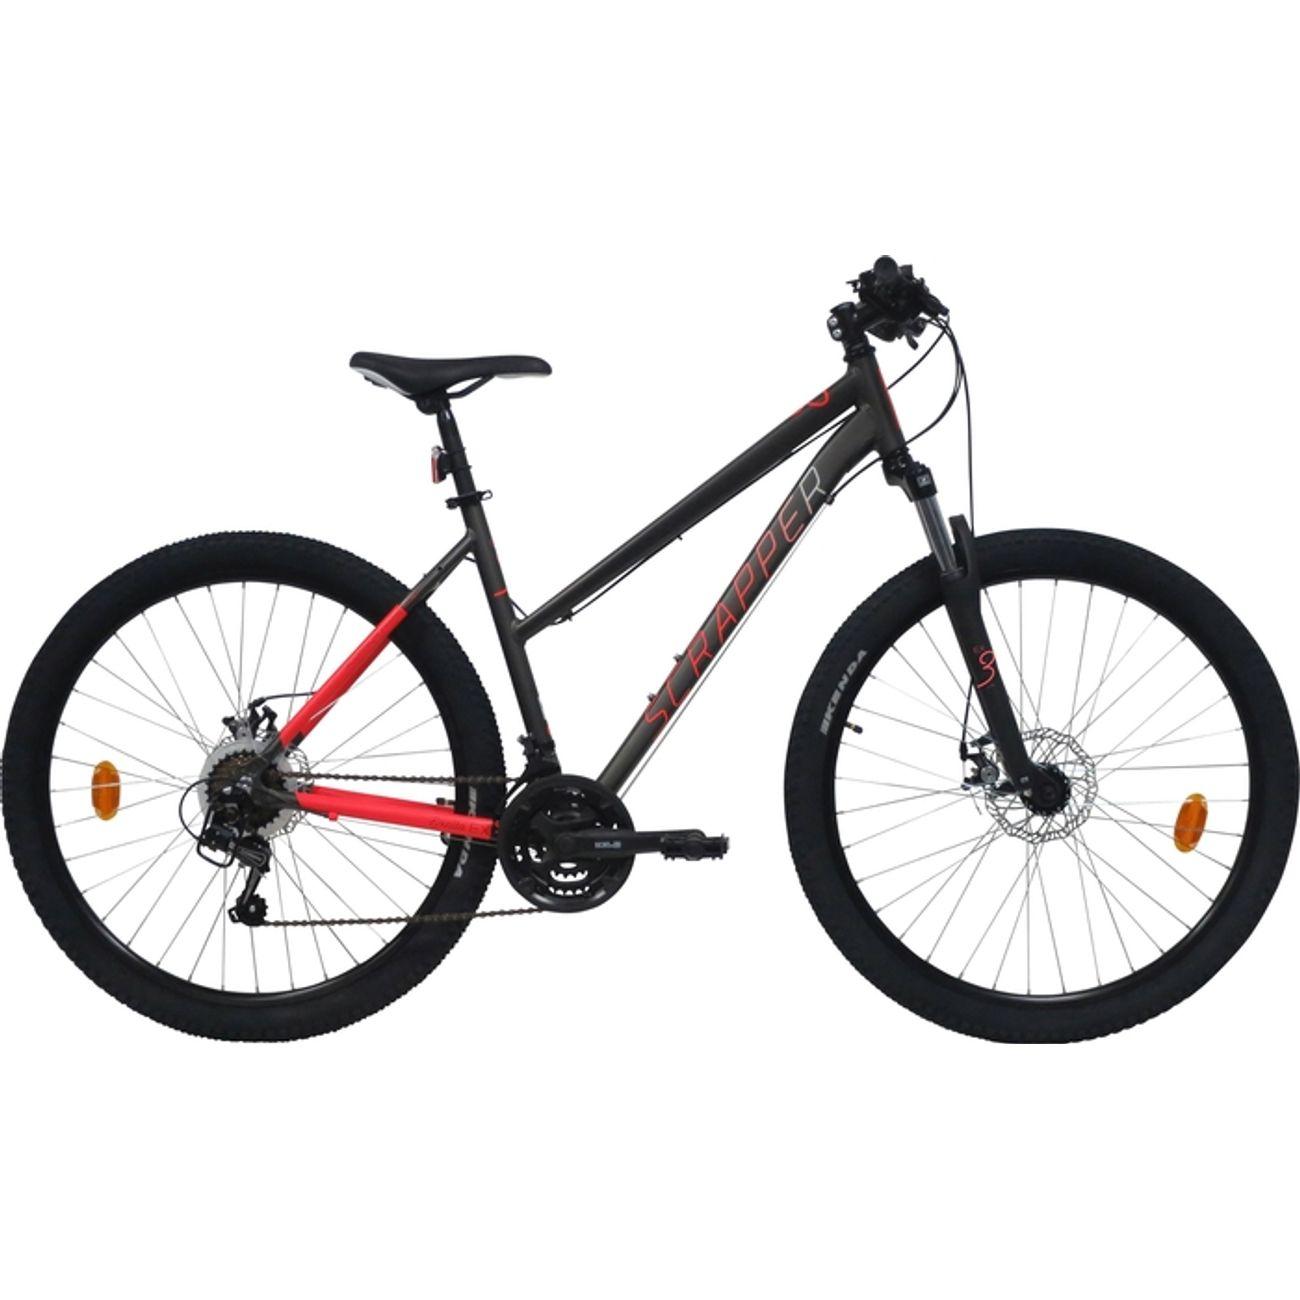 Vélo VTT pour femme SCRAPPER EXALTA 3.9 Ltd - Taille M (+6€ sur la carte de fidélité - Via retrait dans une sélection de magasins)